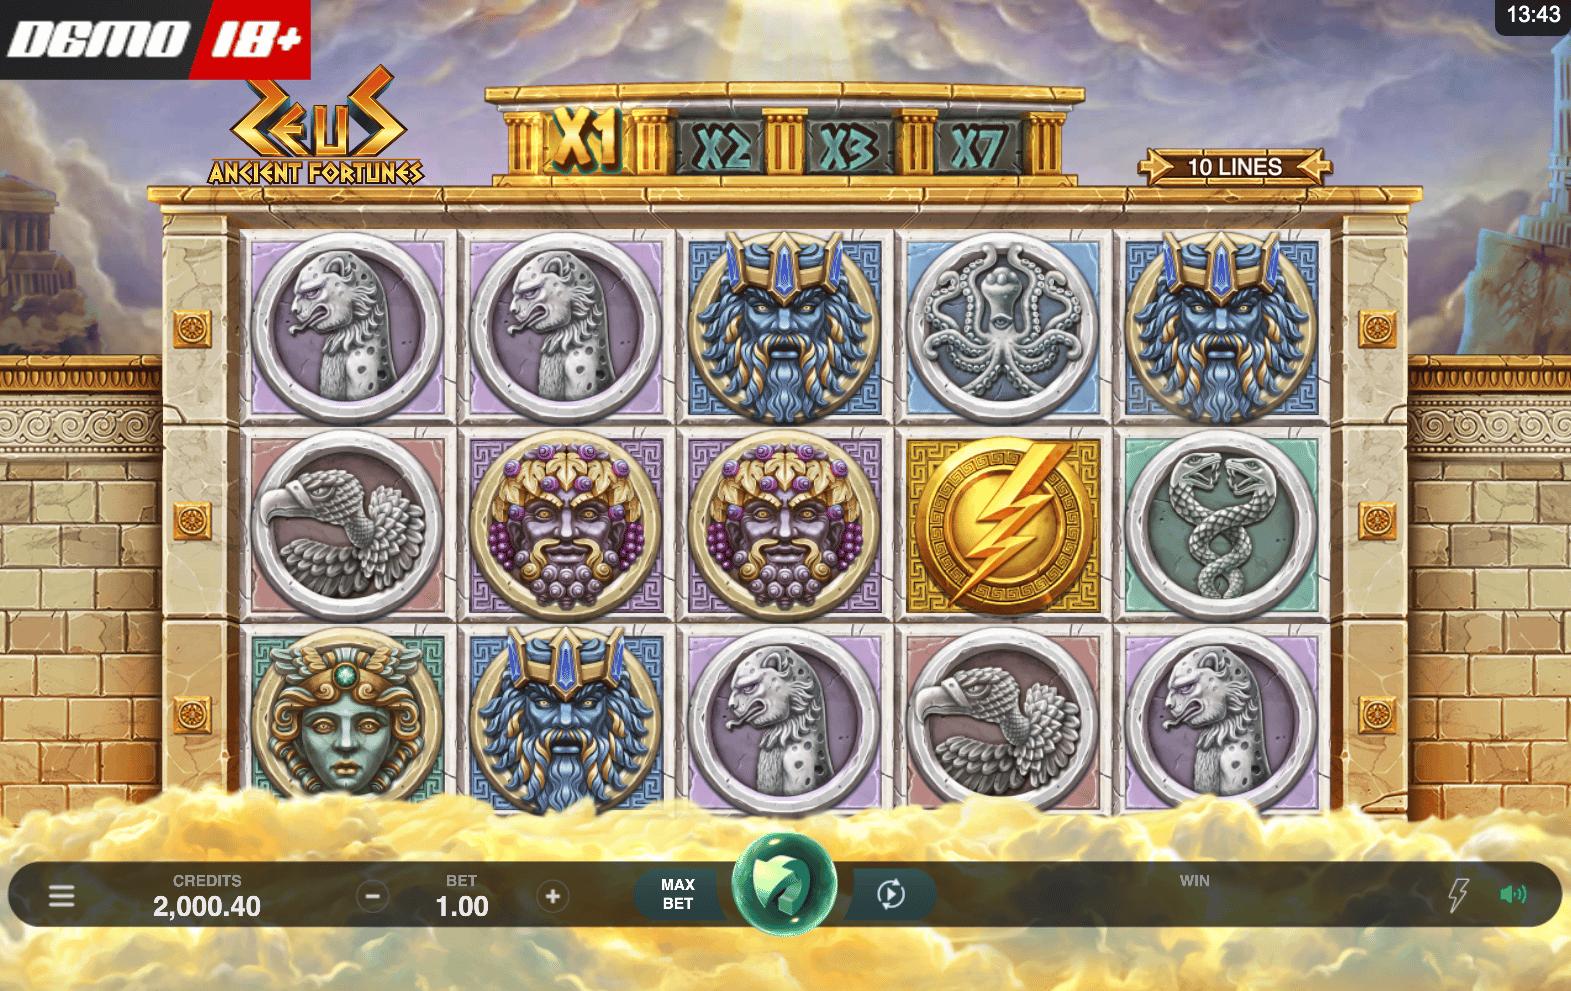 zeus ancient fortunes slot